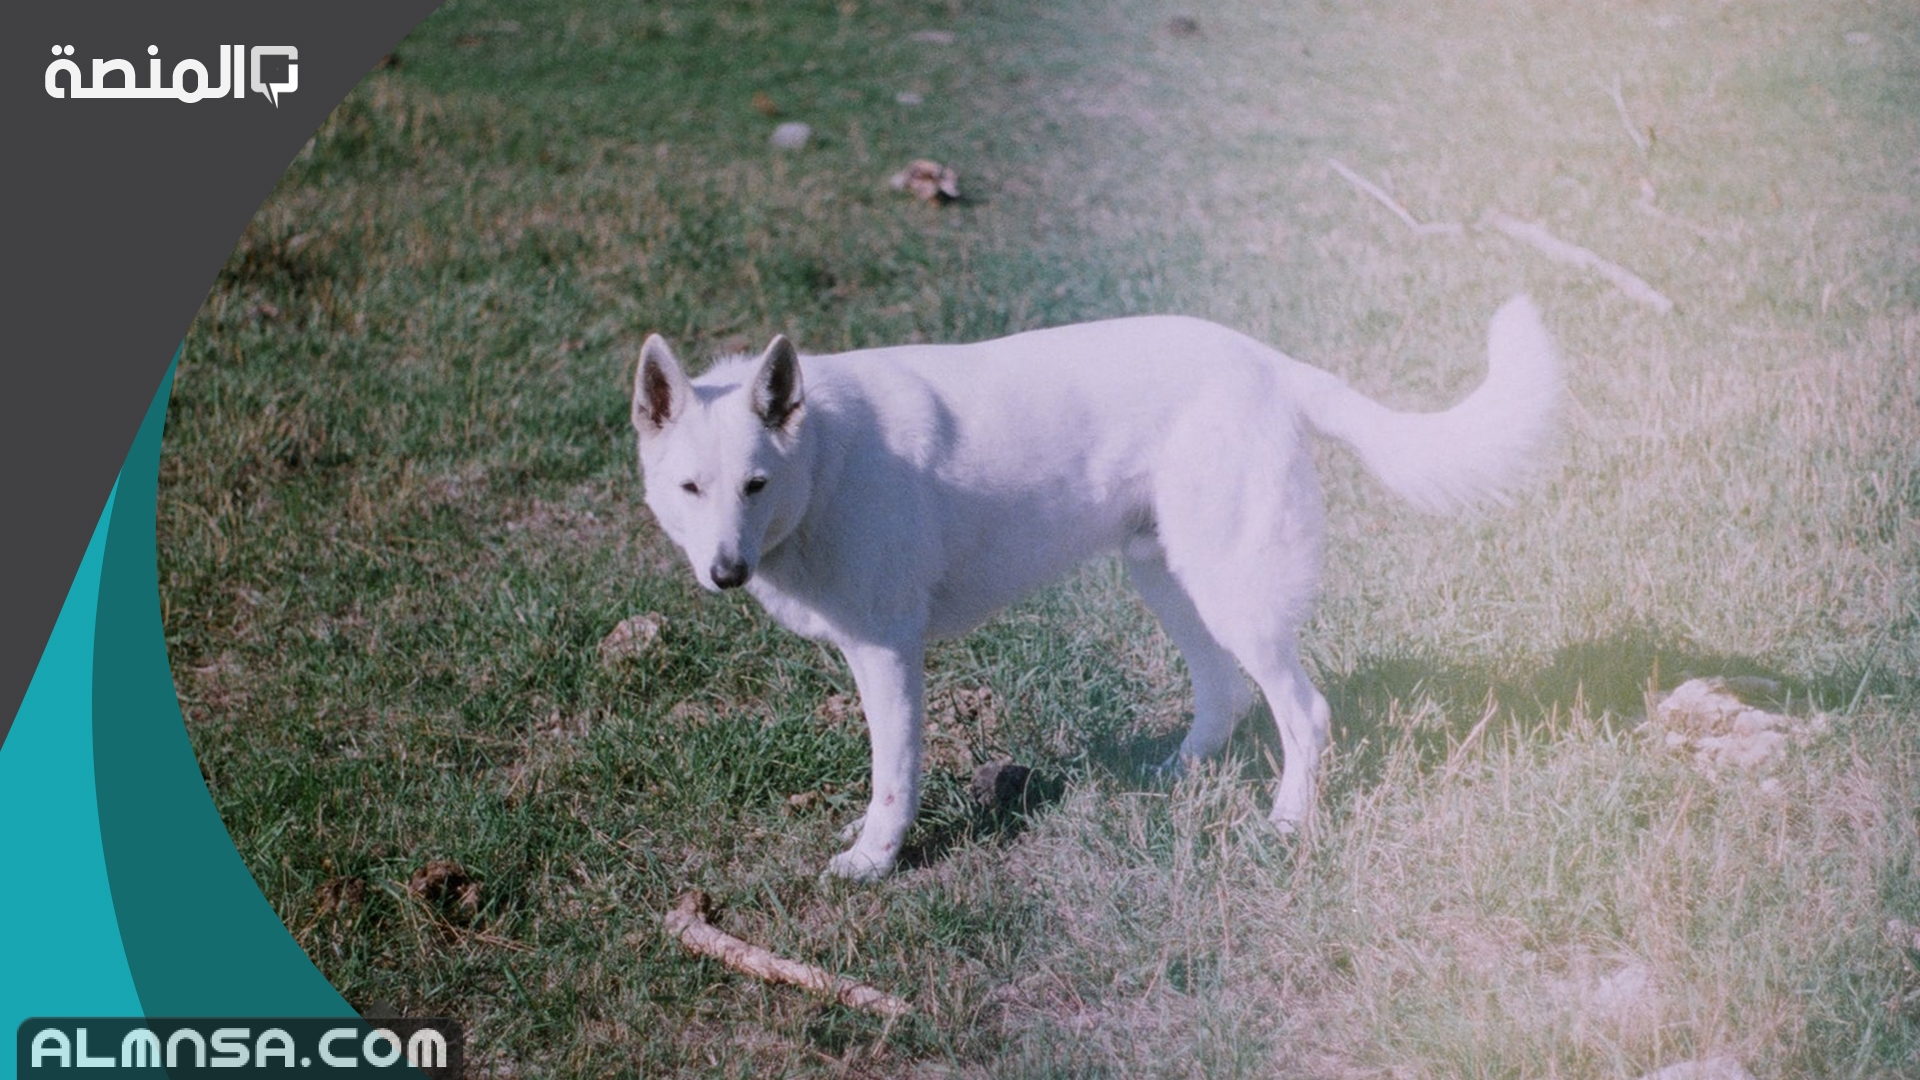 تفسير رؤية كلب أبيض في المنام المنصة